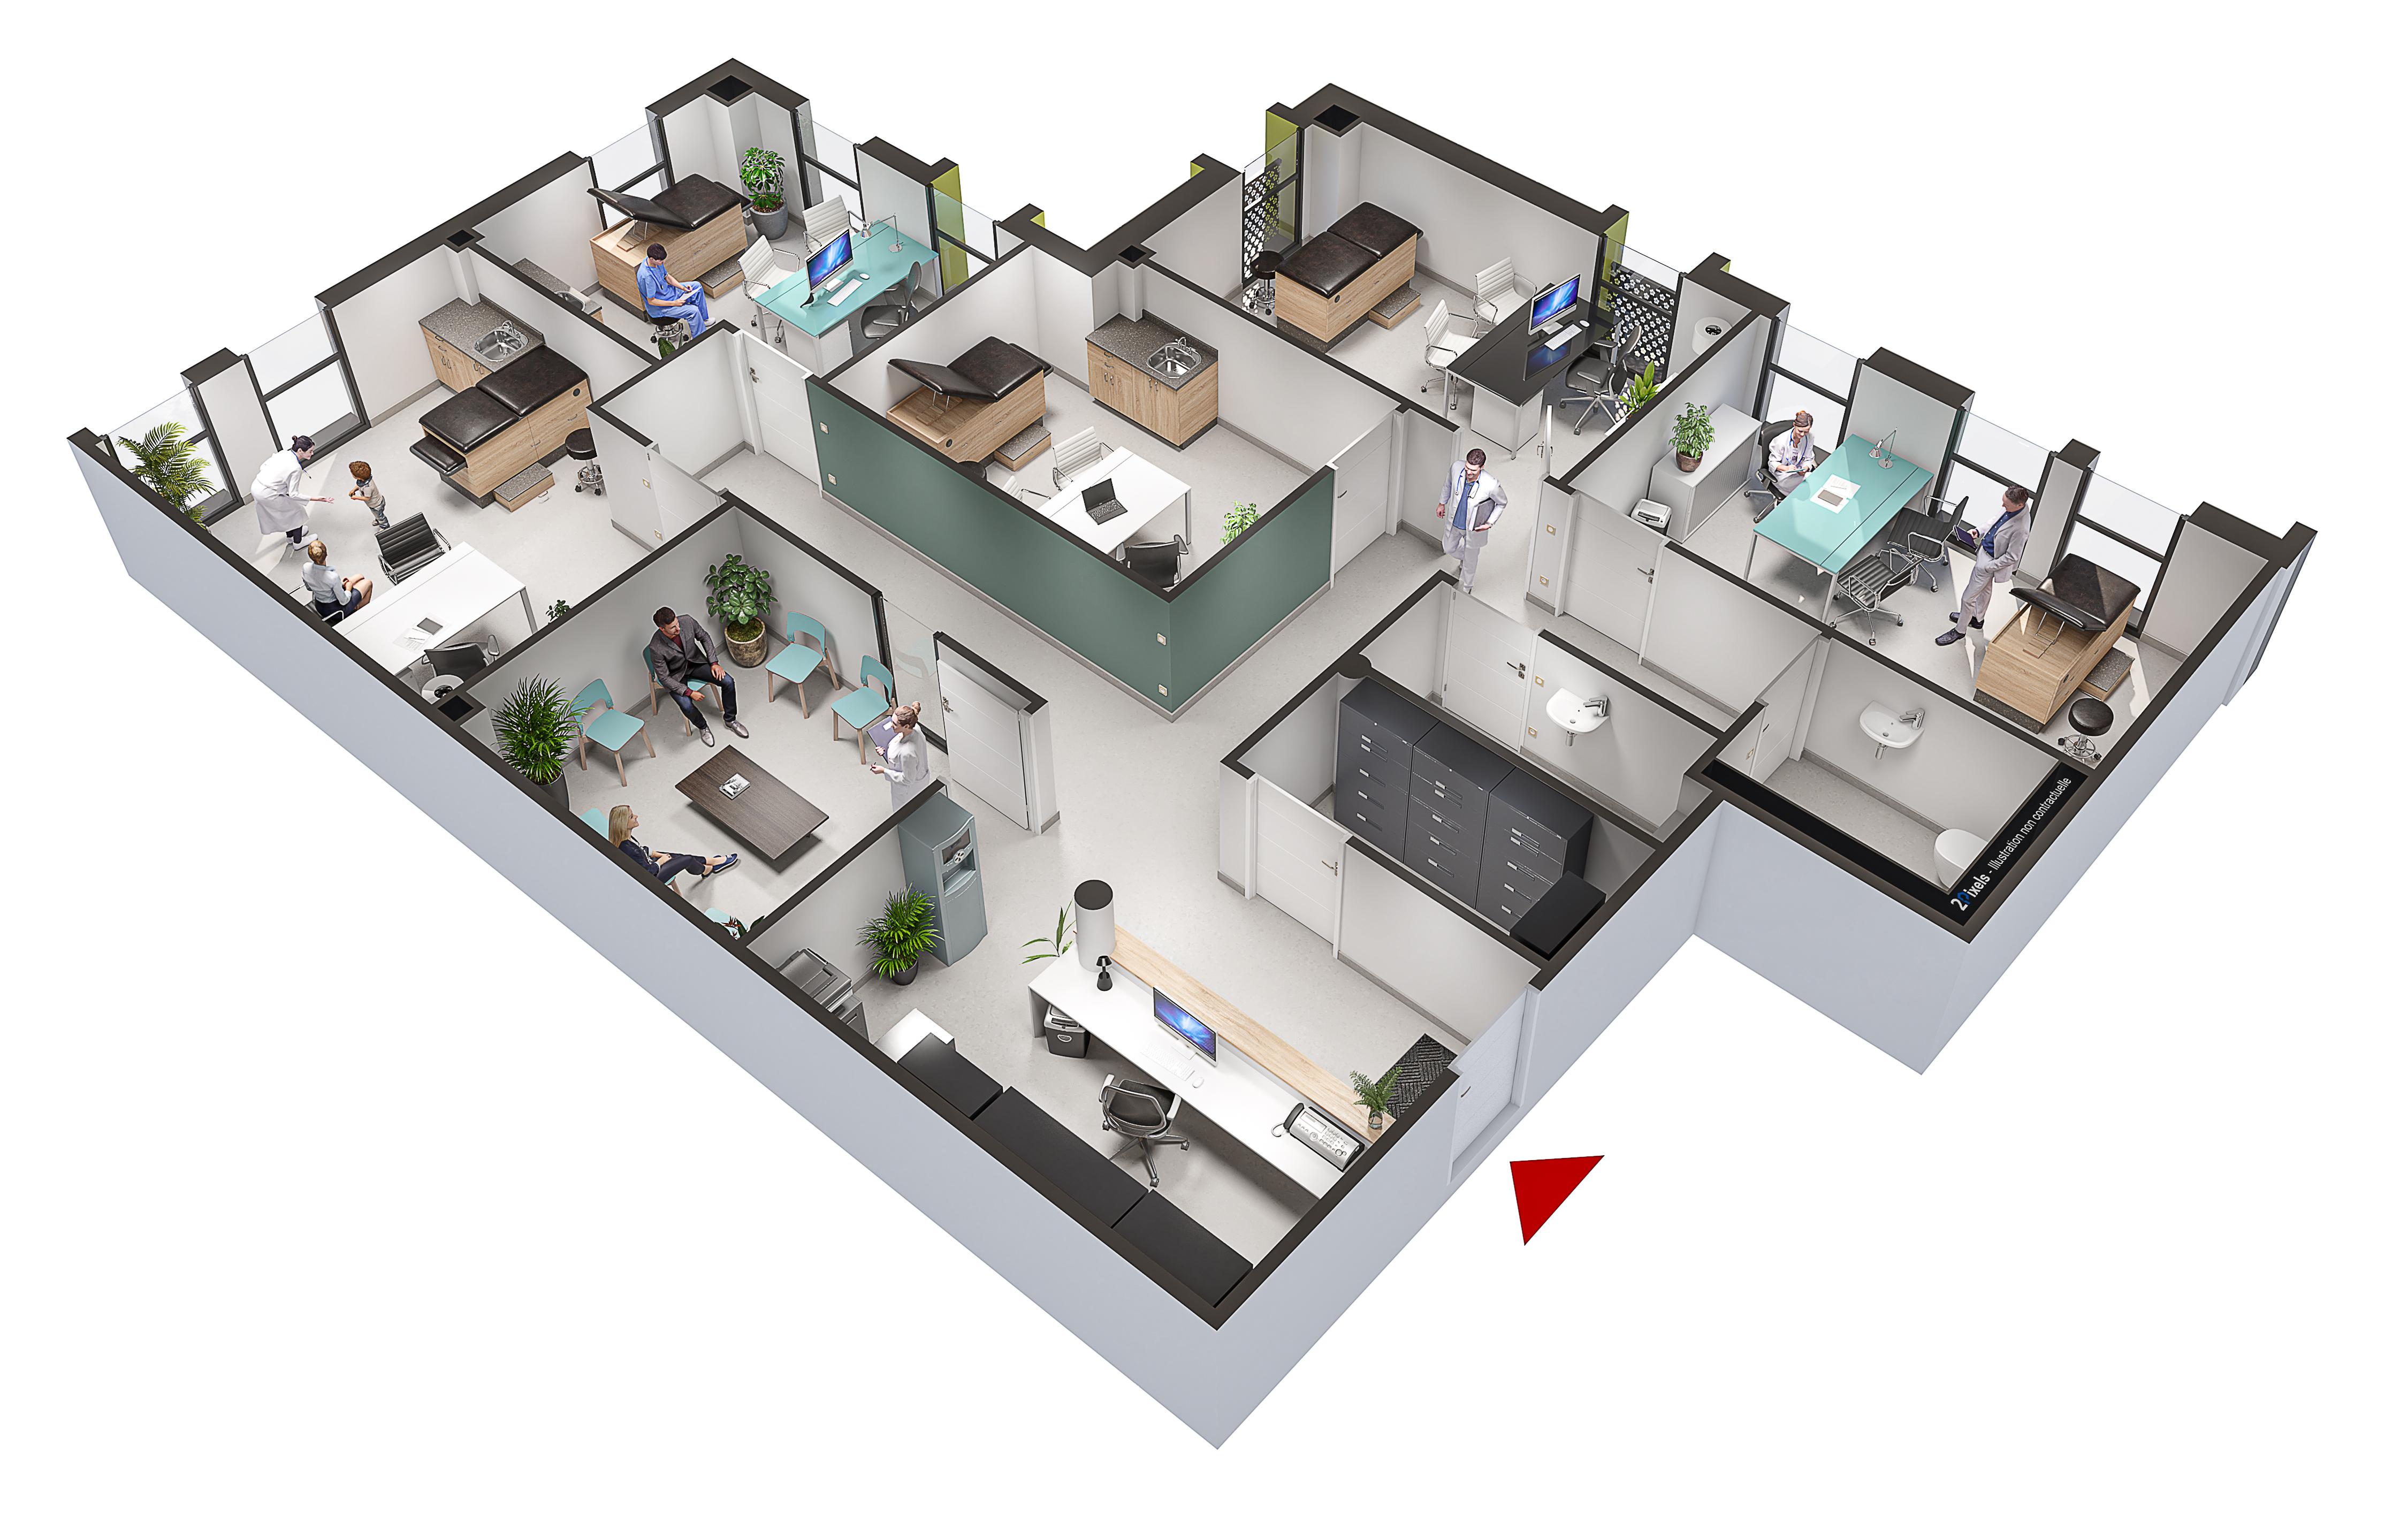 Le futur espace santé Keridoret construit par Commespace sera réalisé sur un terrain de 4 385 m²